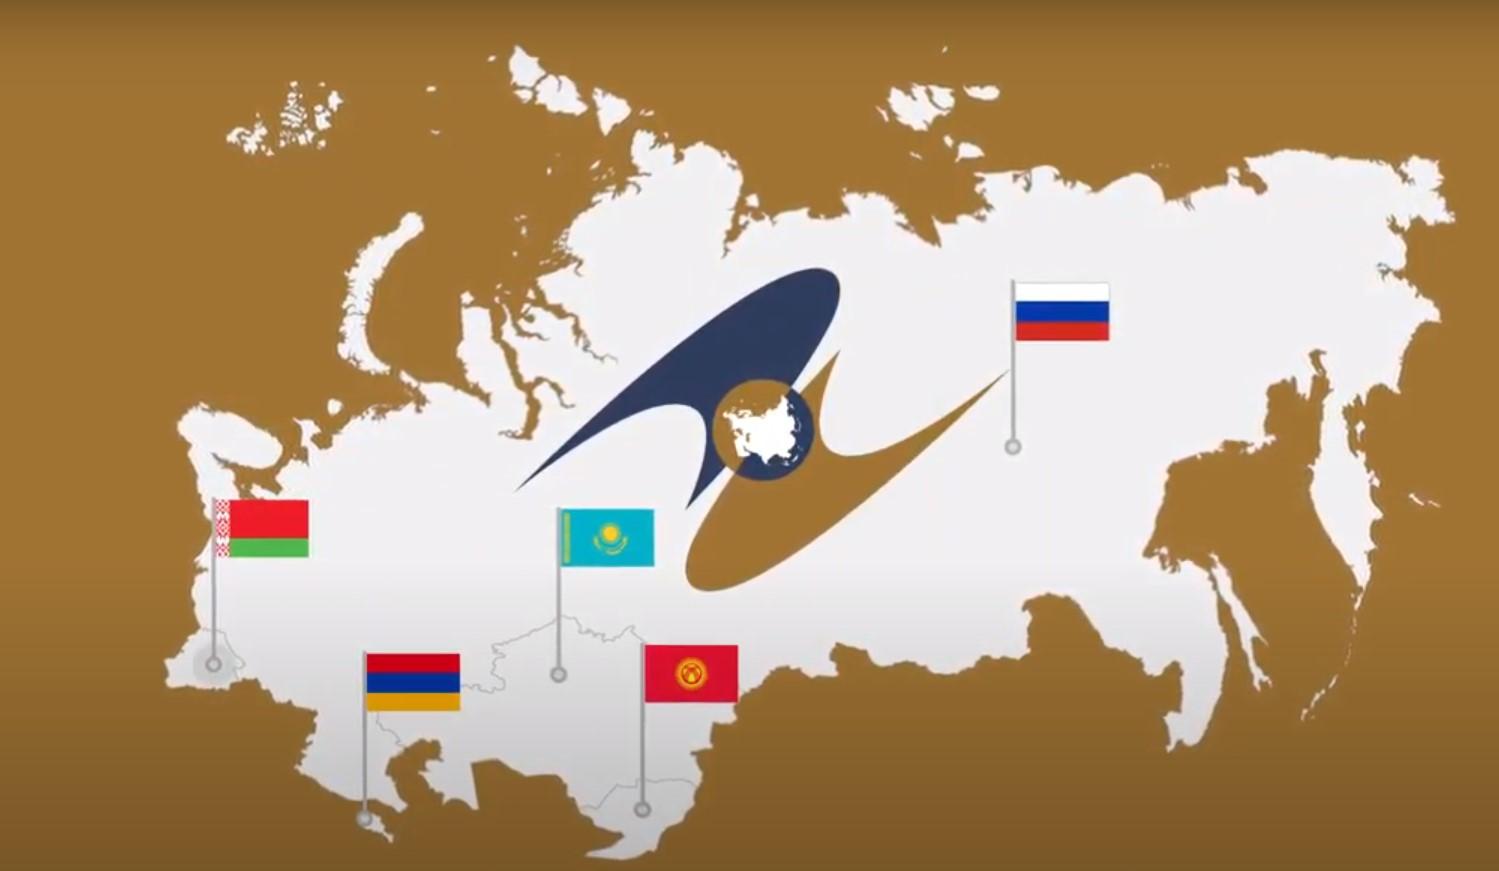 Лидеры стран ЕАЭС обсудят меры реагирования на ситуацию с коронавирусом на следующей неделе